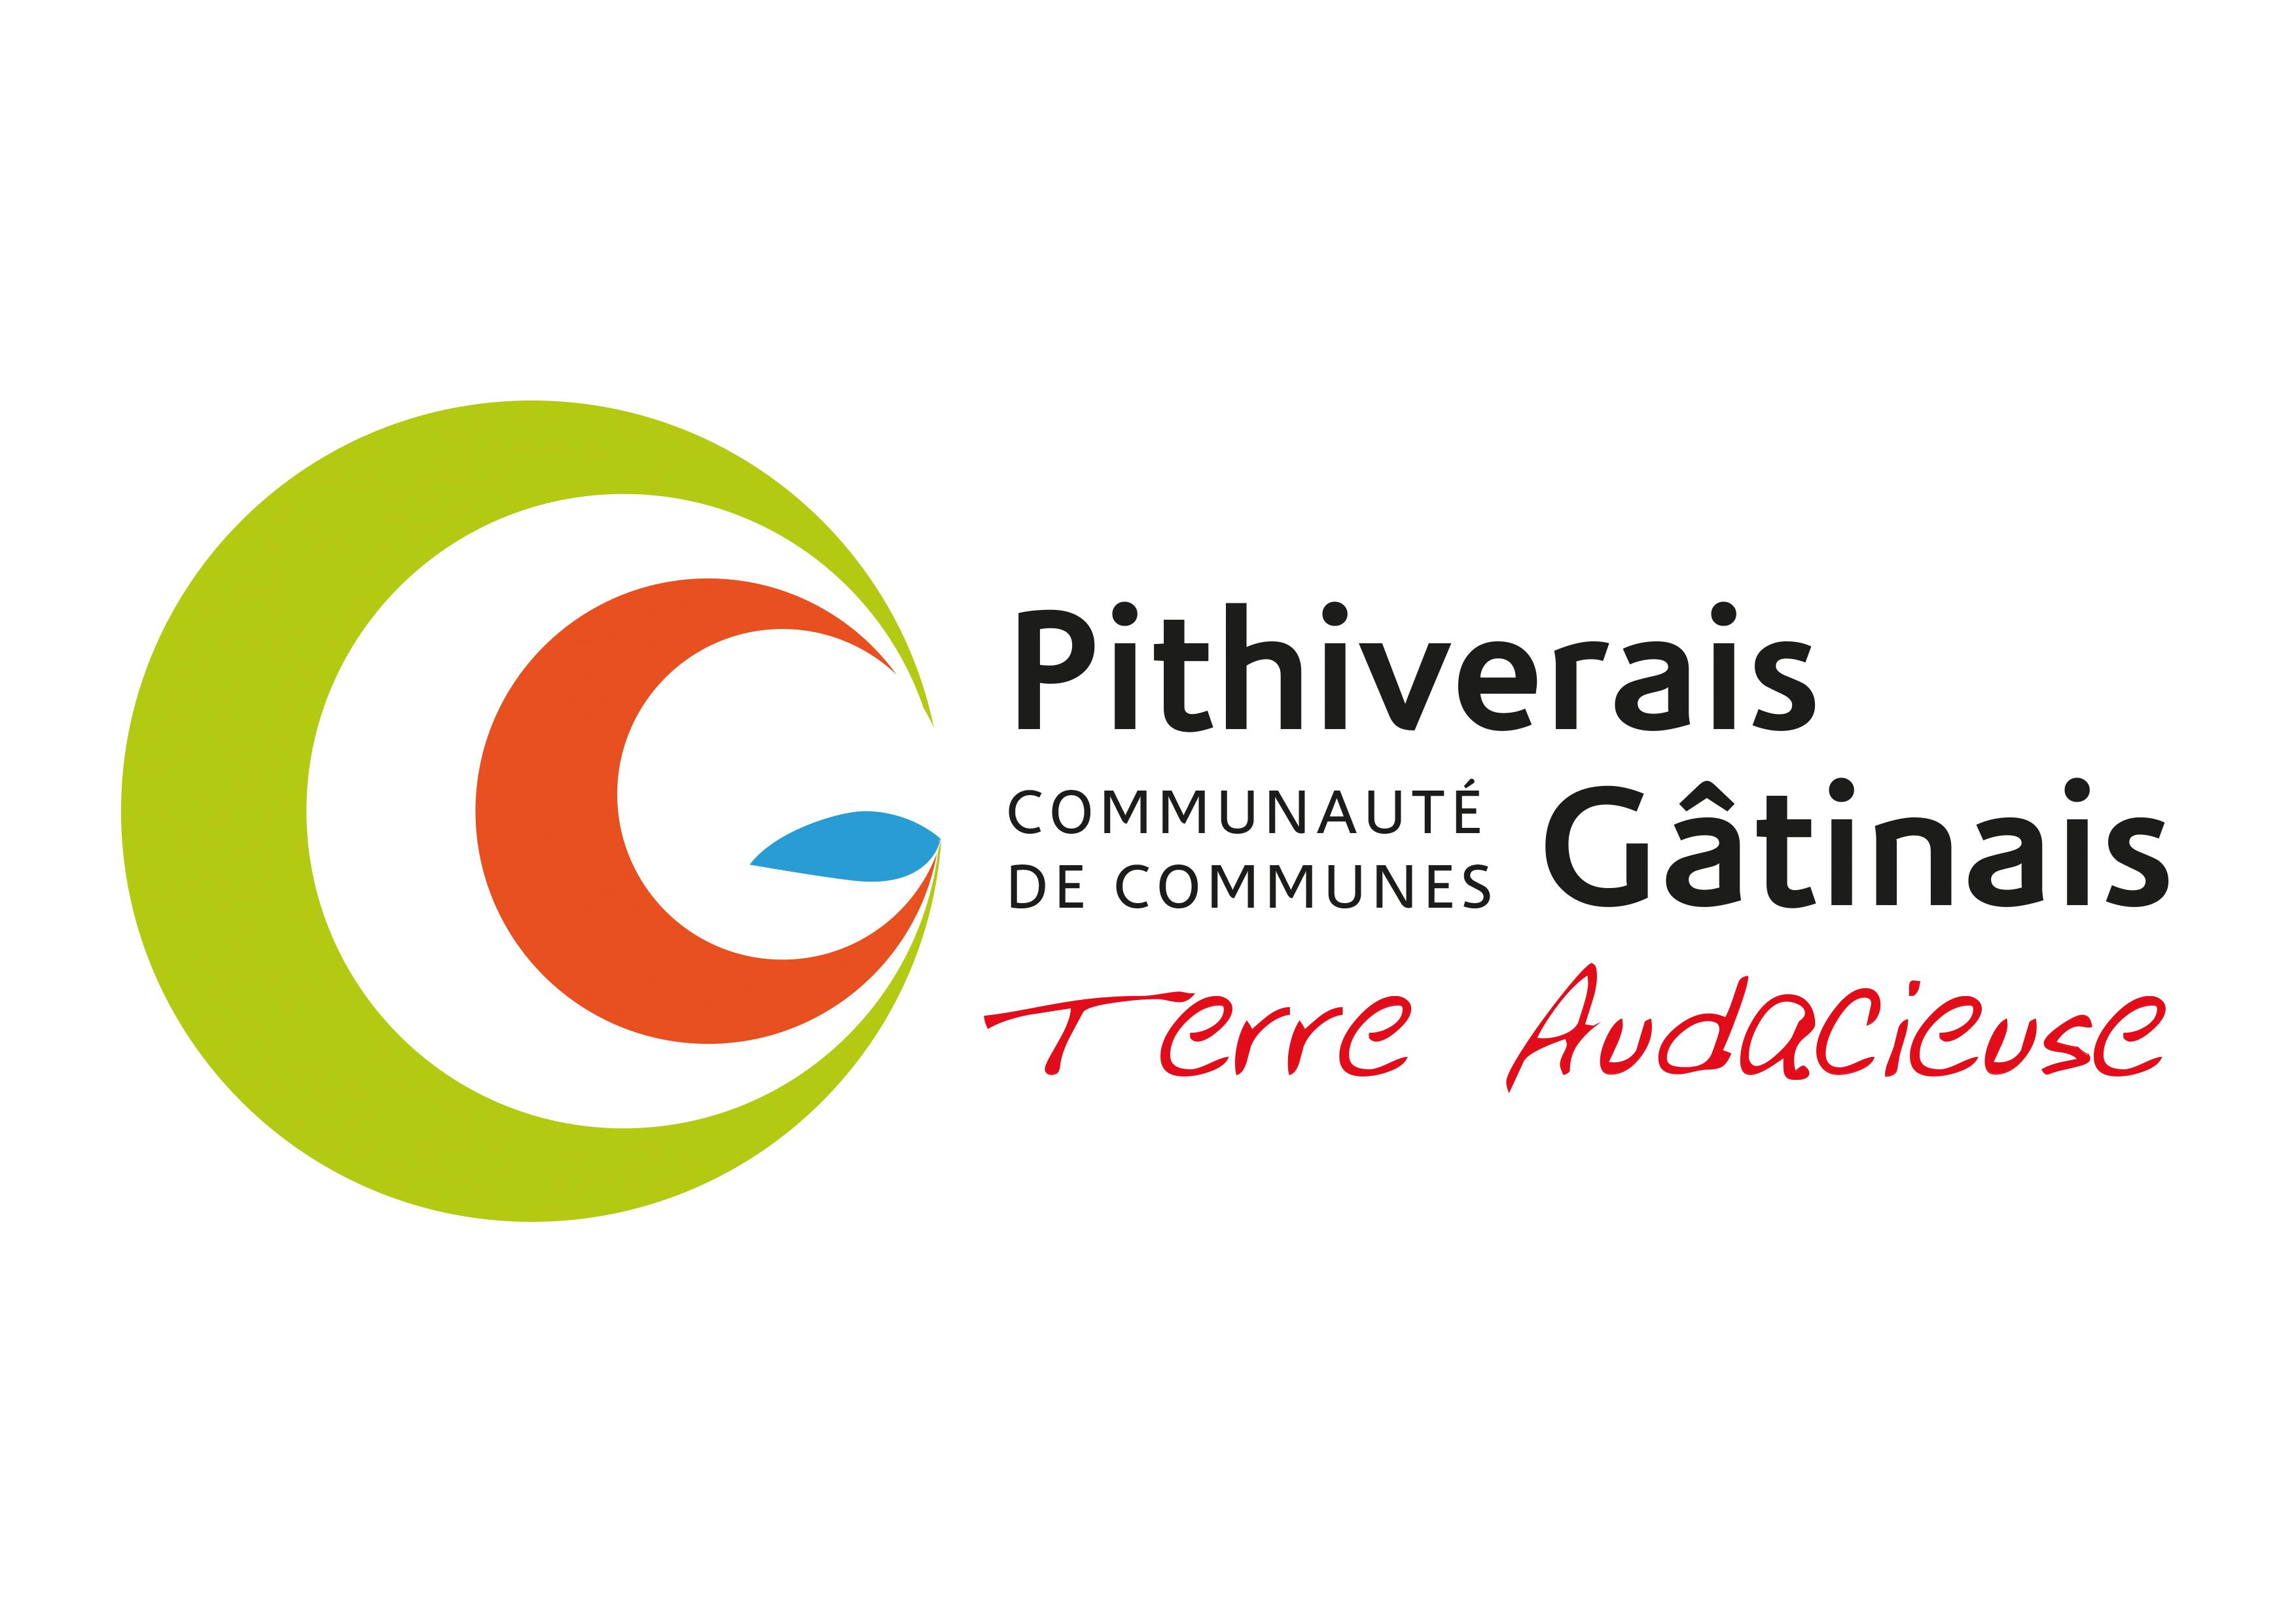 Communauté de communes Pithiverais Gâtinais